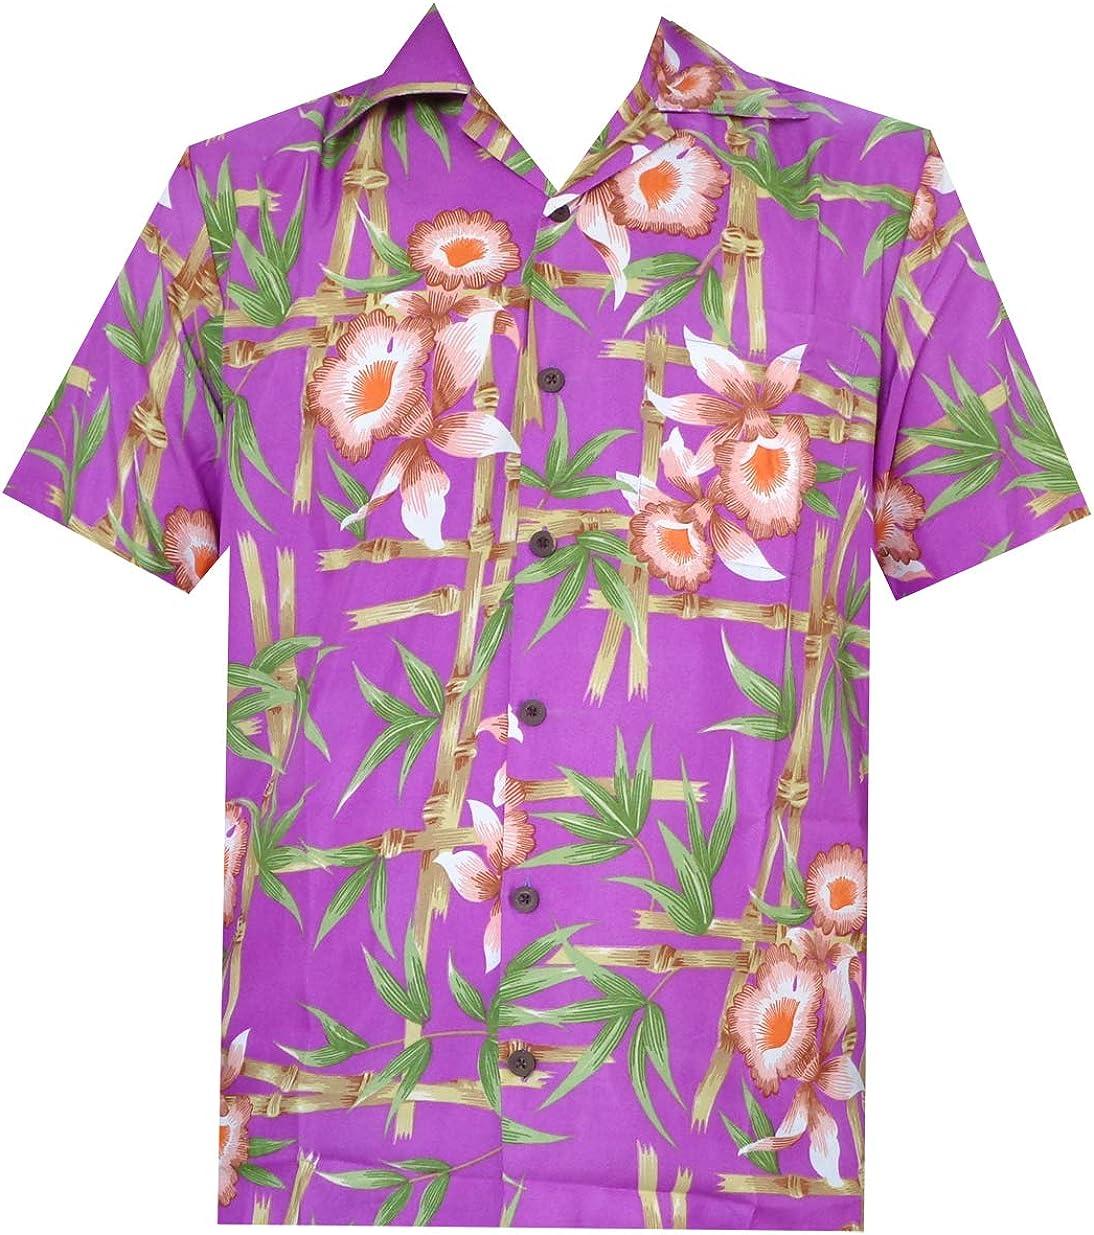 ALVISH - Camisas hawaianas de flamenco rosa para hombre, para playa, fiesta, casual, acampada, manga corta, crucero - Morado - Large: Amazon.es: Ropa y accesorios